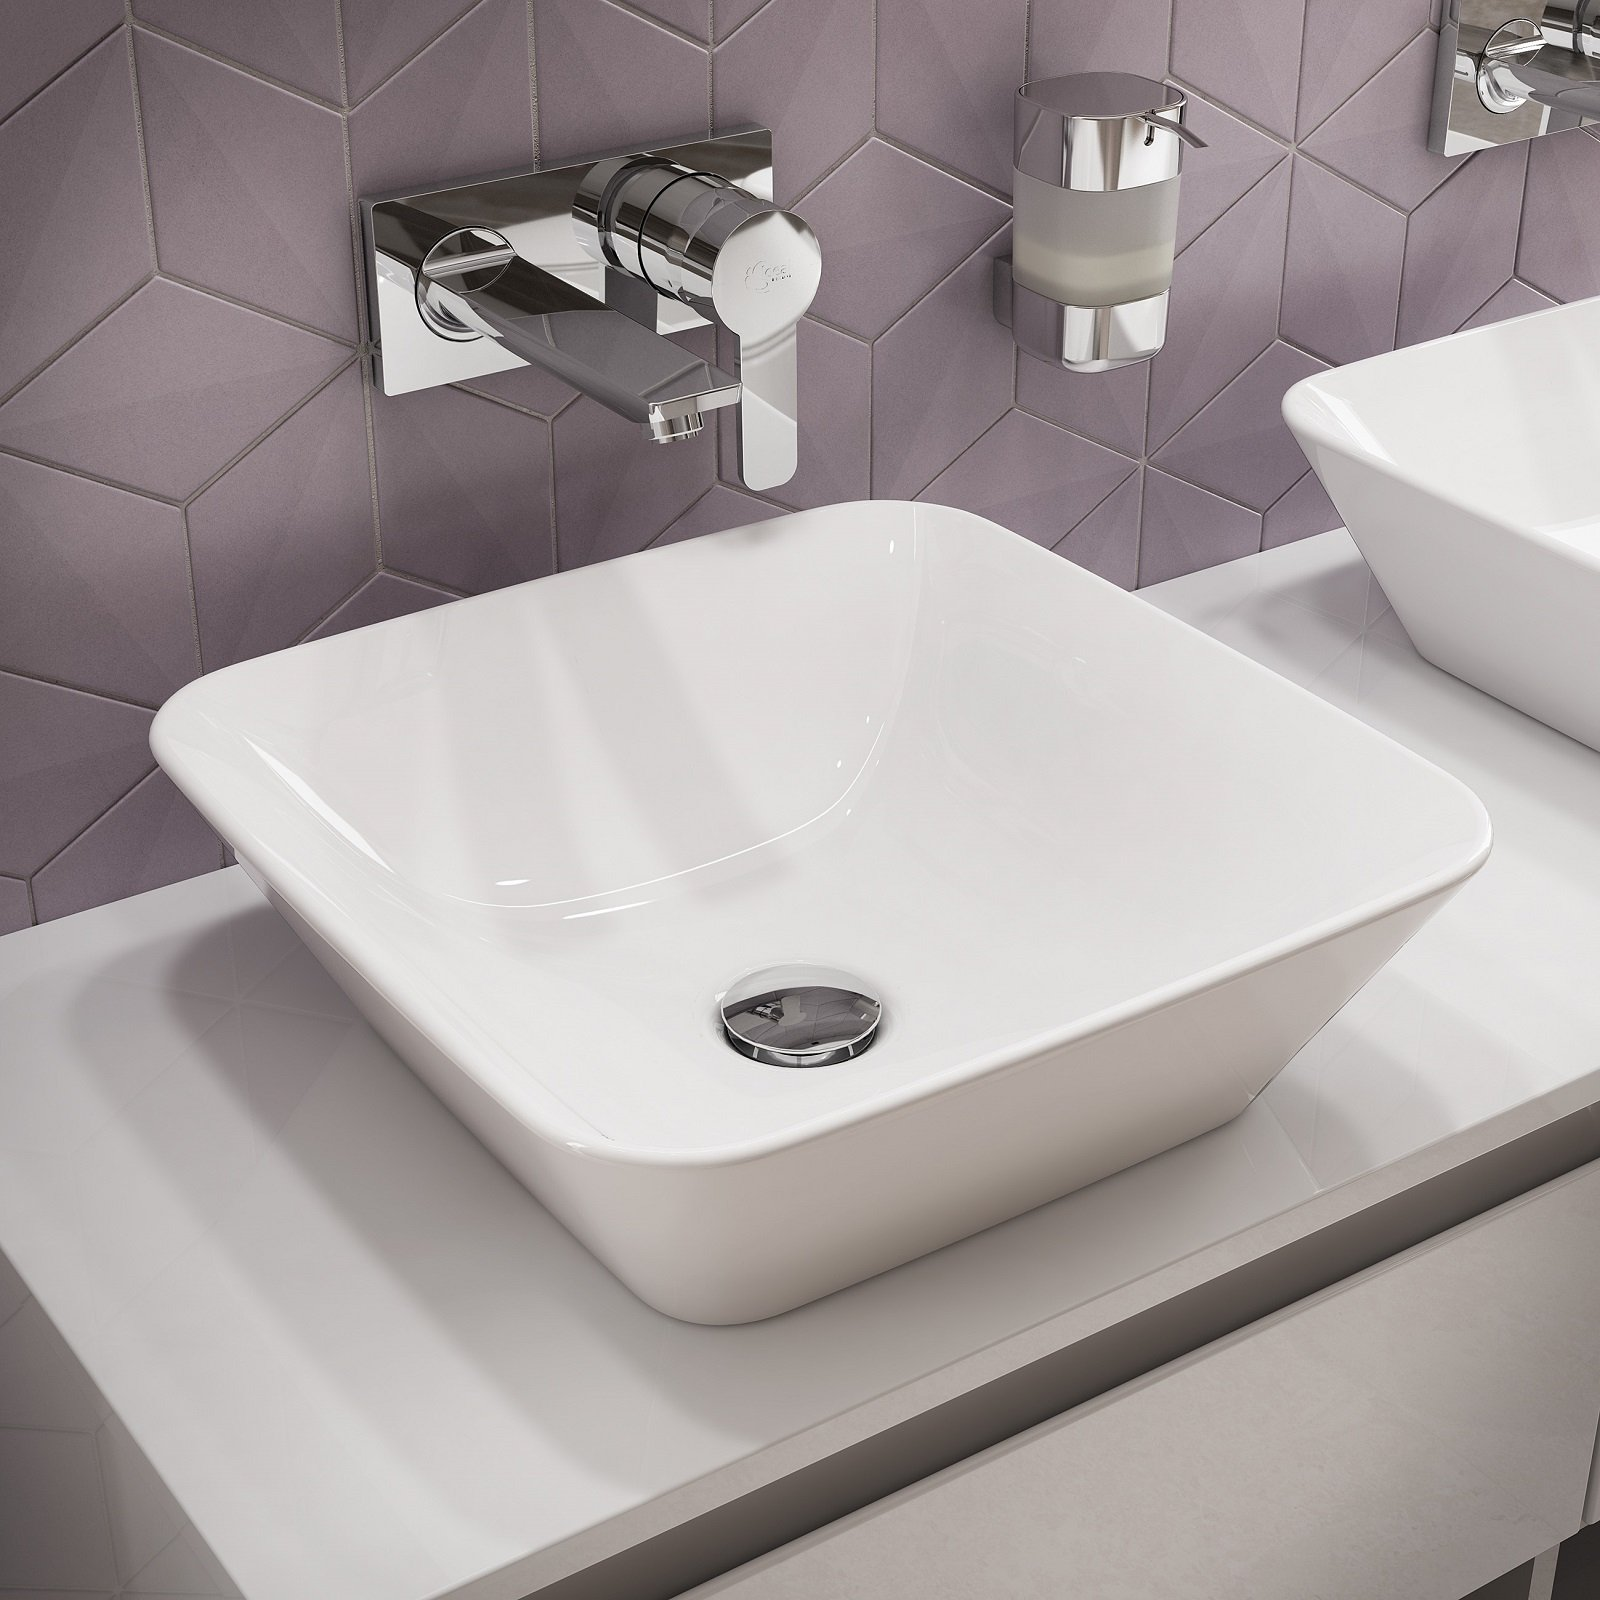 Fanno tendenza i moderni lavabi dappoggio che donano leggerezza ...